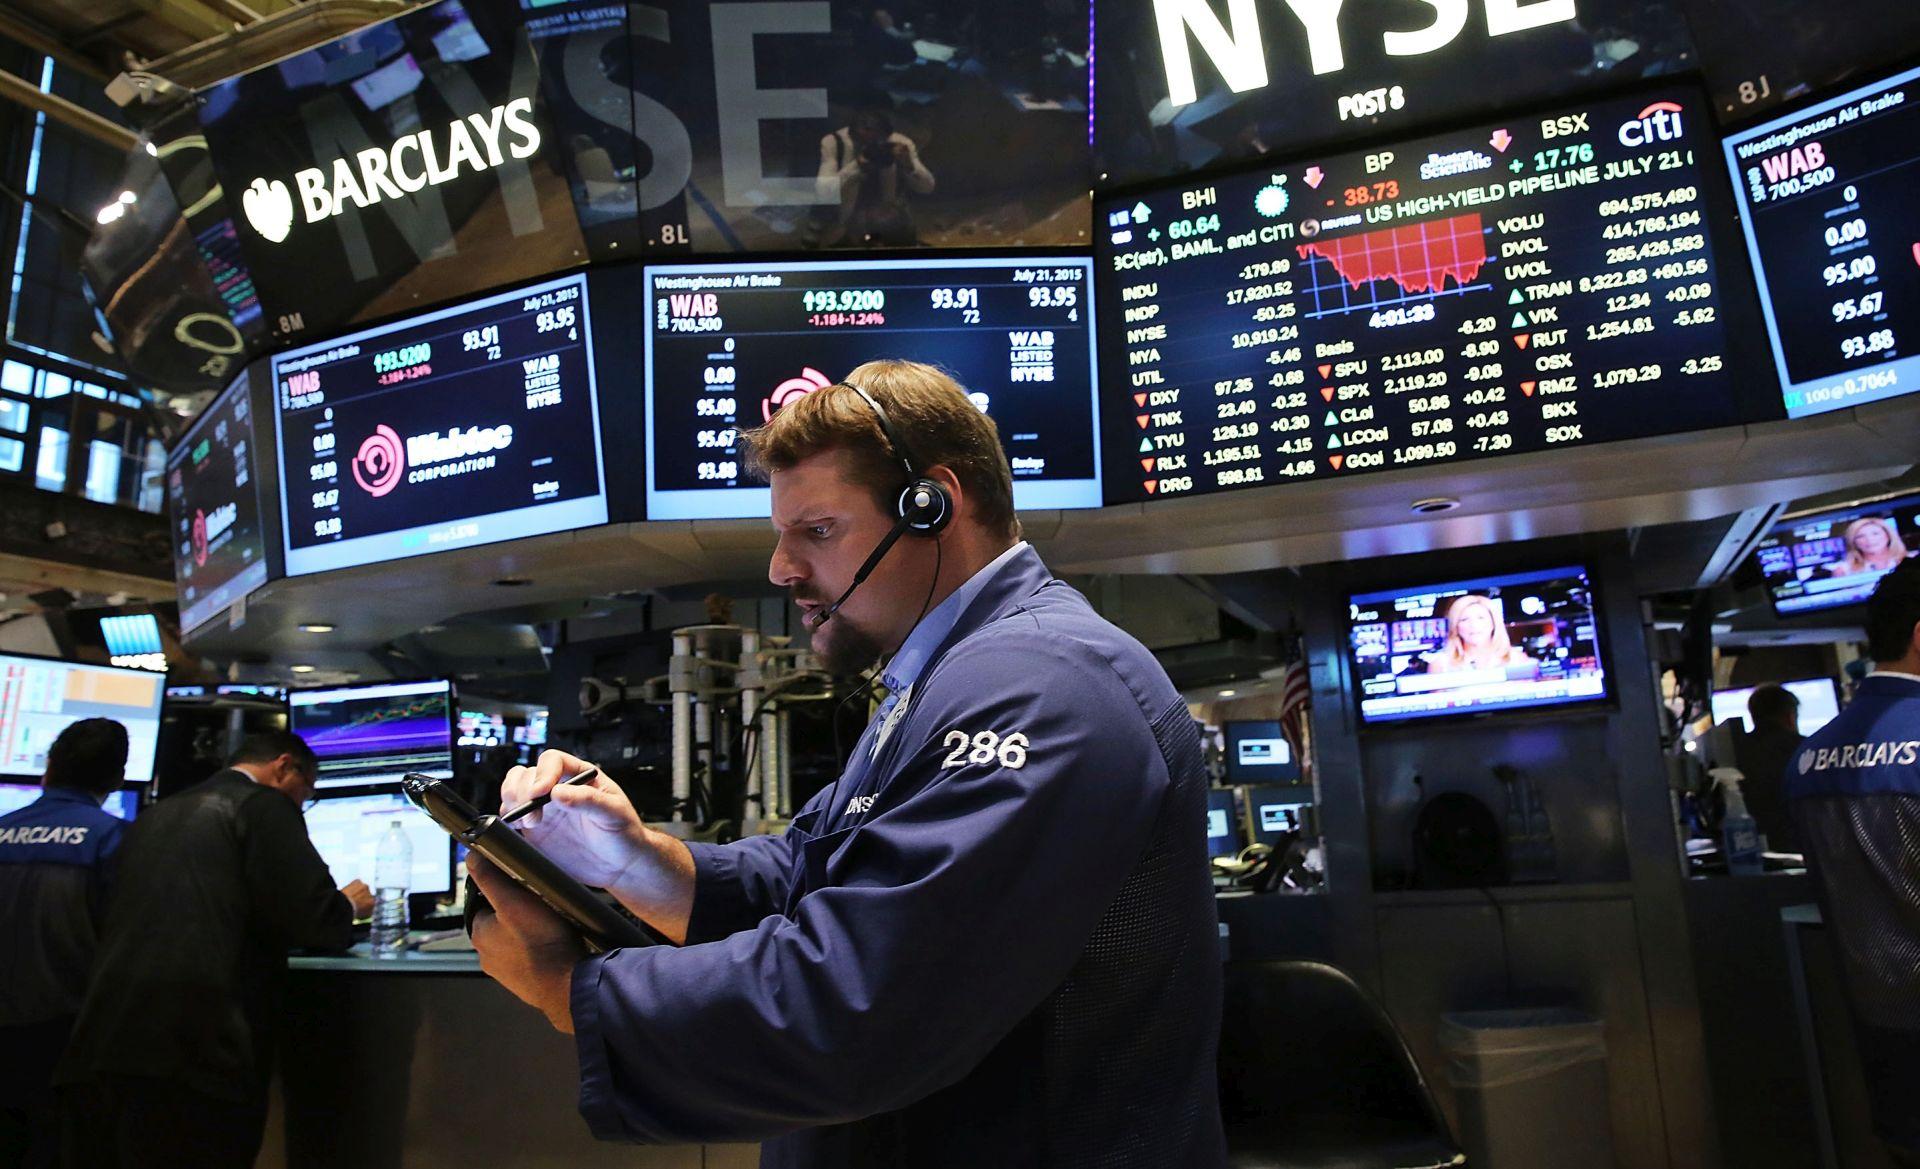 Svjetske burze pale pod pritiskom trgovinskih tenzija